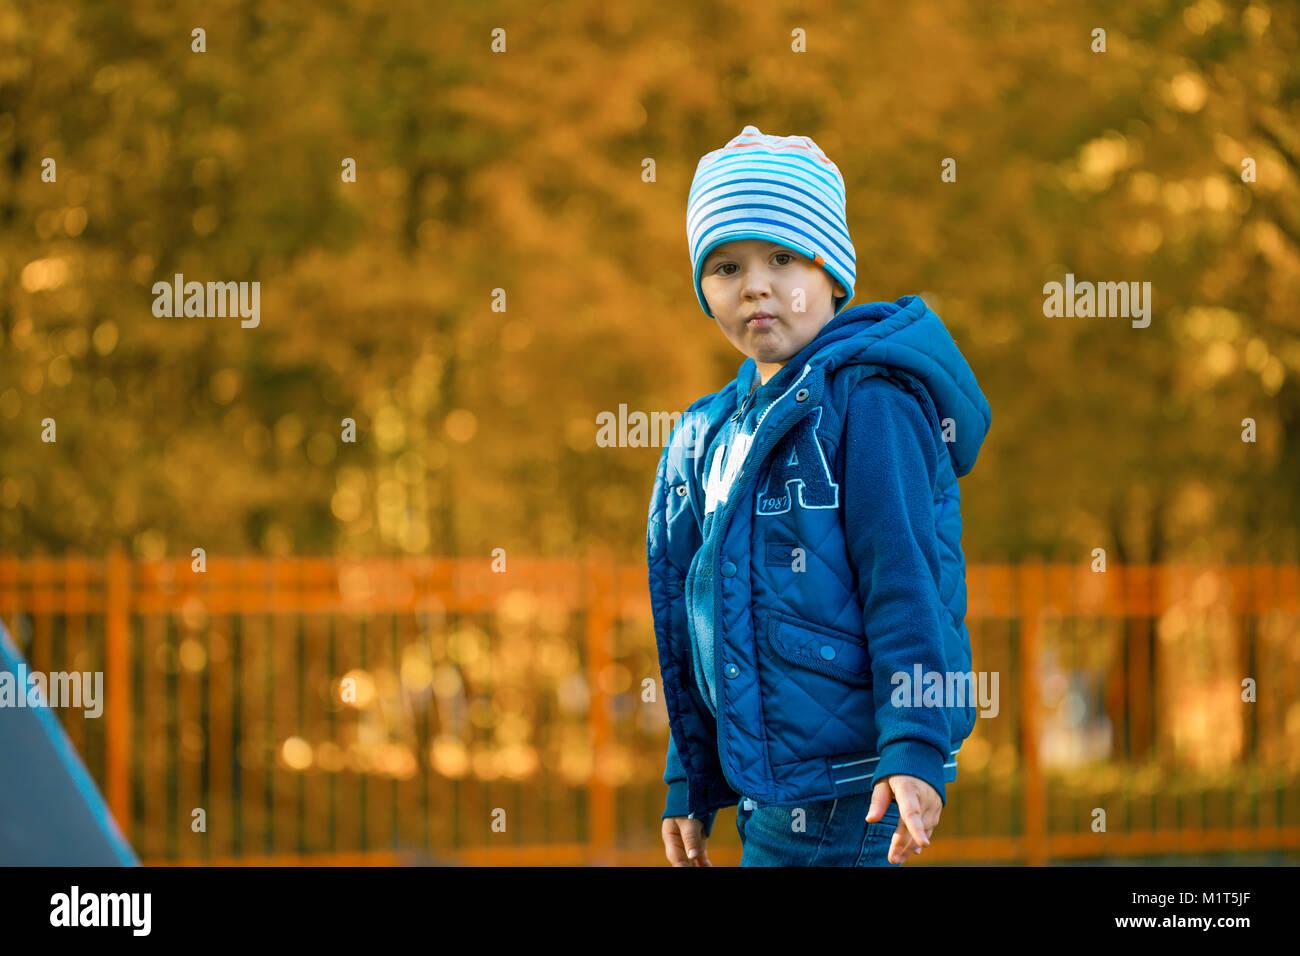 Cute Baby Boy de pie en el parque de otoño Imagen De Stock